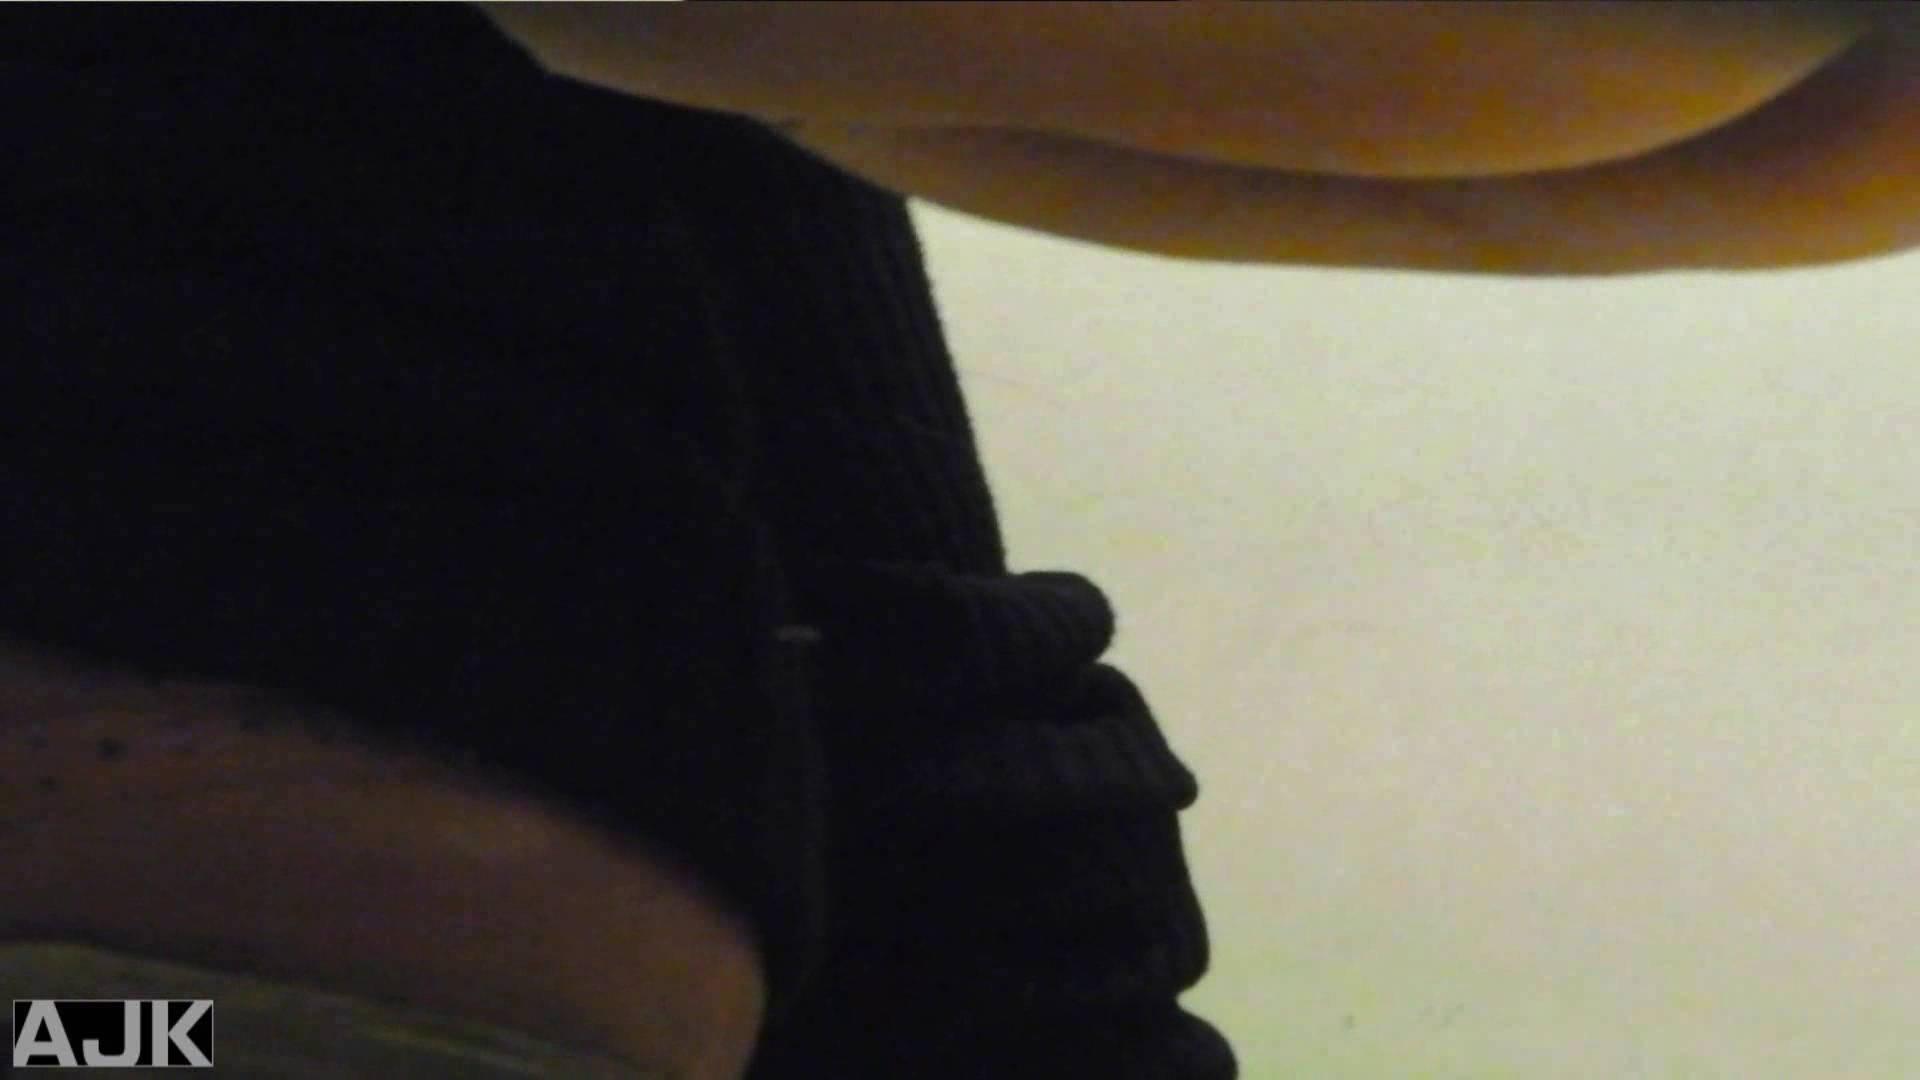 隣国上階級エリアの令嬢たちが集うデパートお手洗い Vol.14 OLの実態  97pic 96